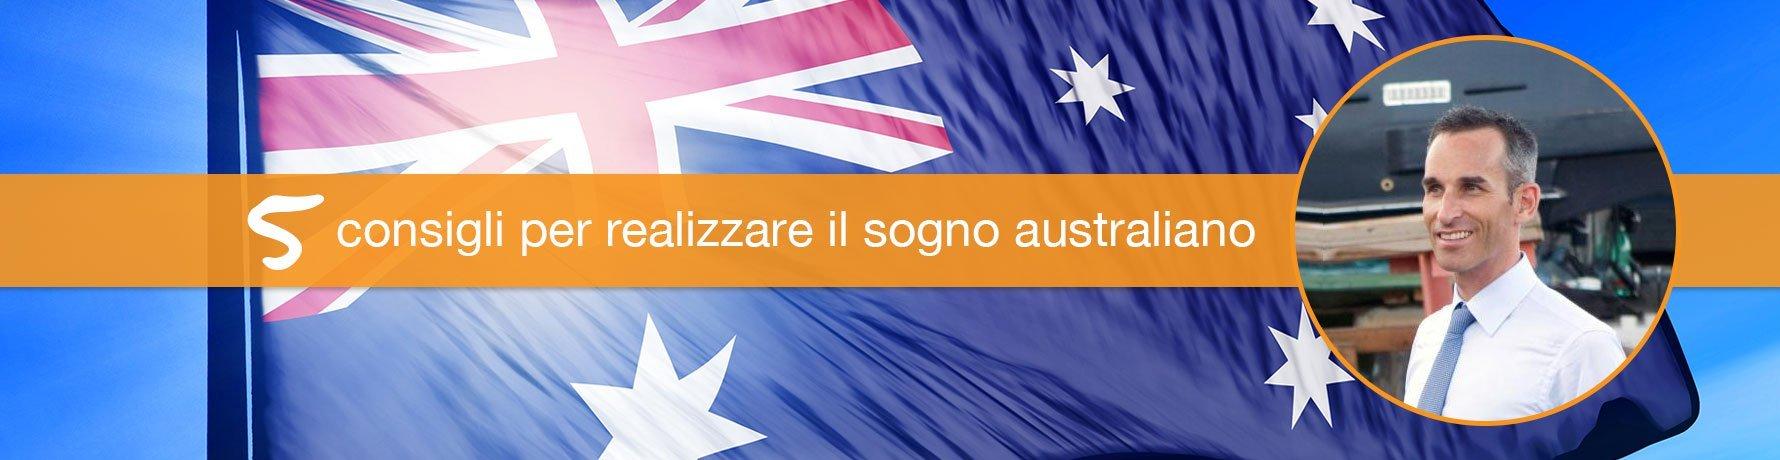 5 consigli per realizzare il sogno australiano, la sponsorship!